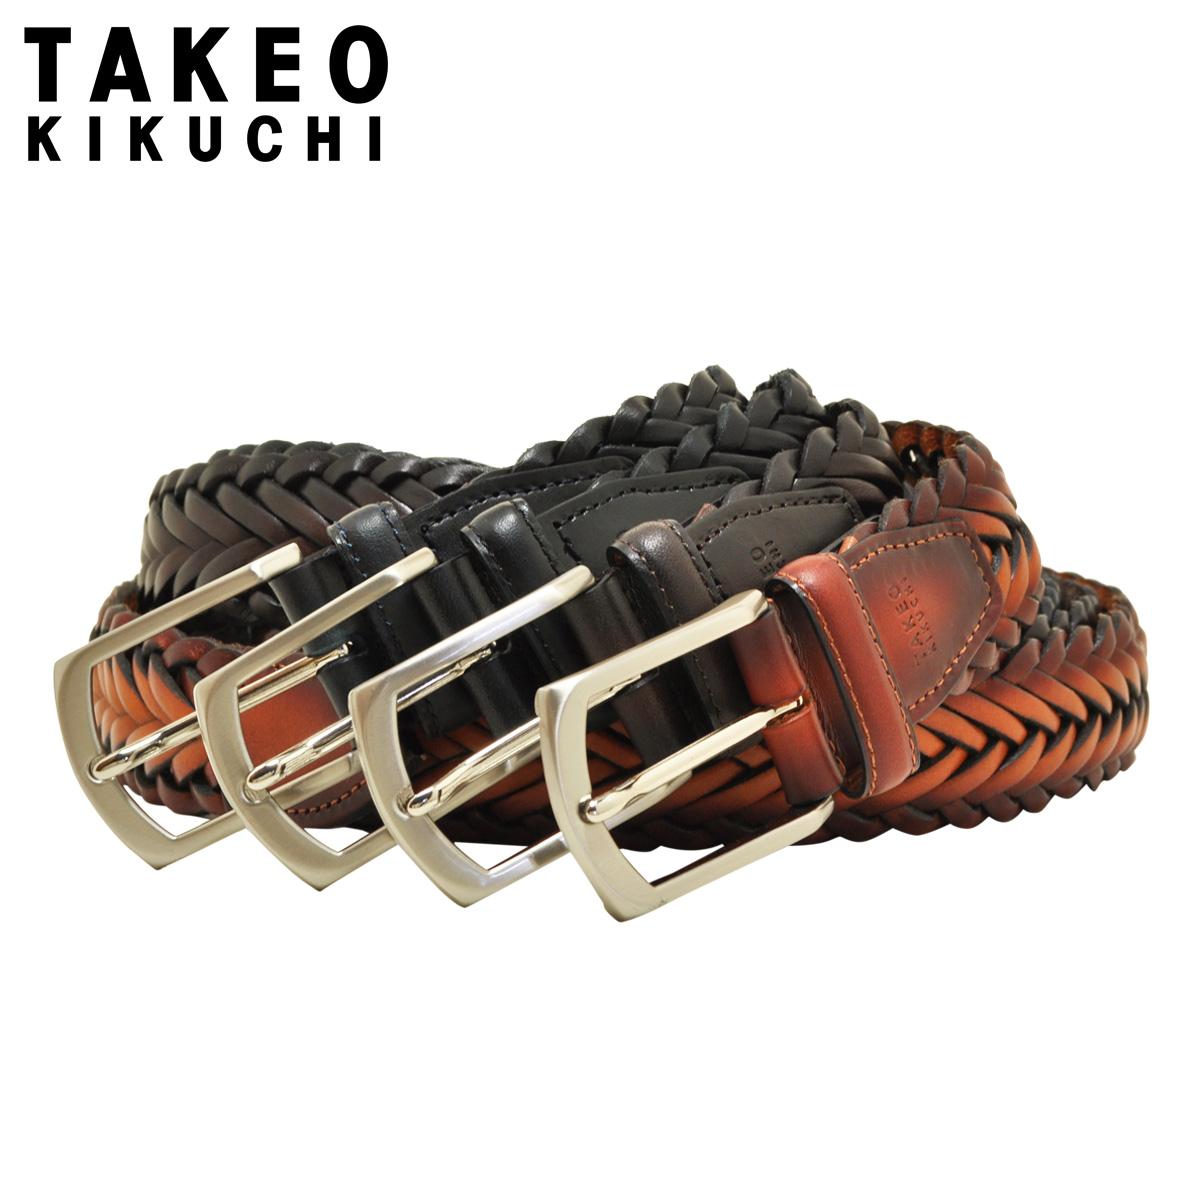 タケオキクチ ベルト 85/95cm ピンタイプ メンズ 5100120 日本製 TAKEO KIKUCHI メッシュ アンティーク調 ビジネス カジュアル フォーマル 牛革 本革 レザー[即日発送]